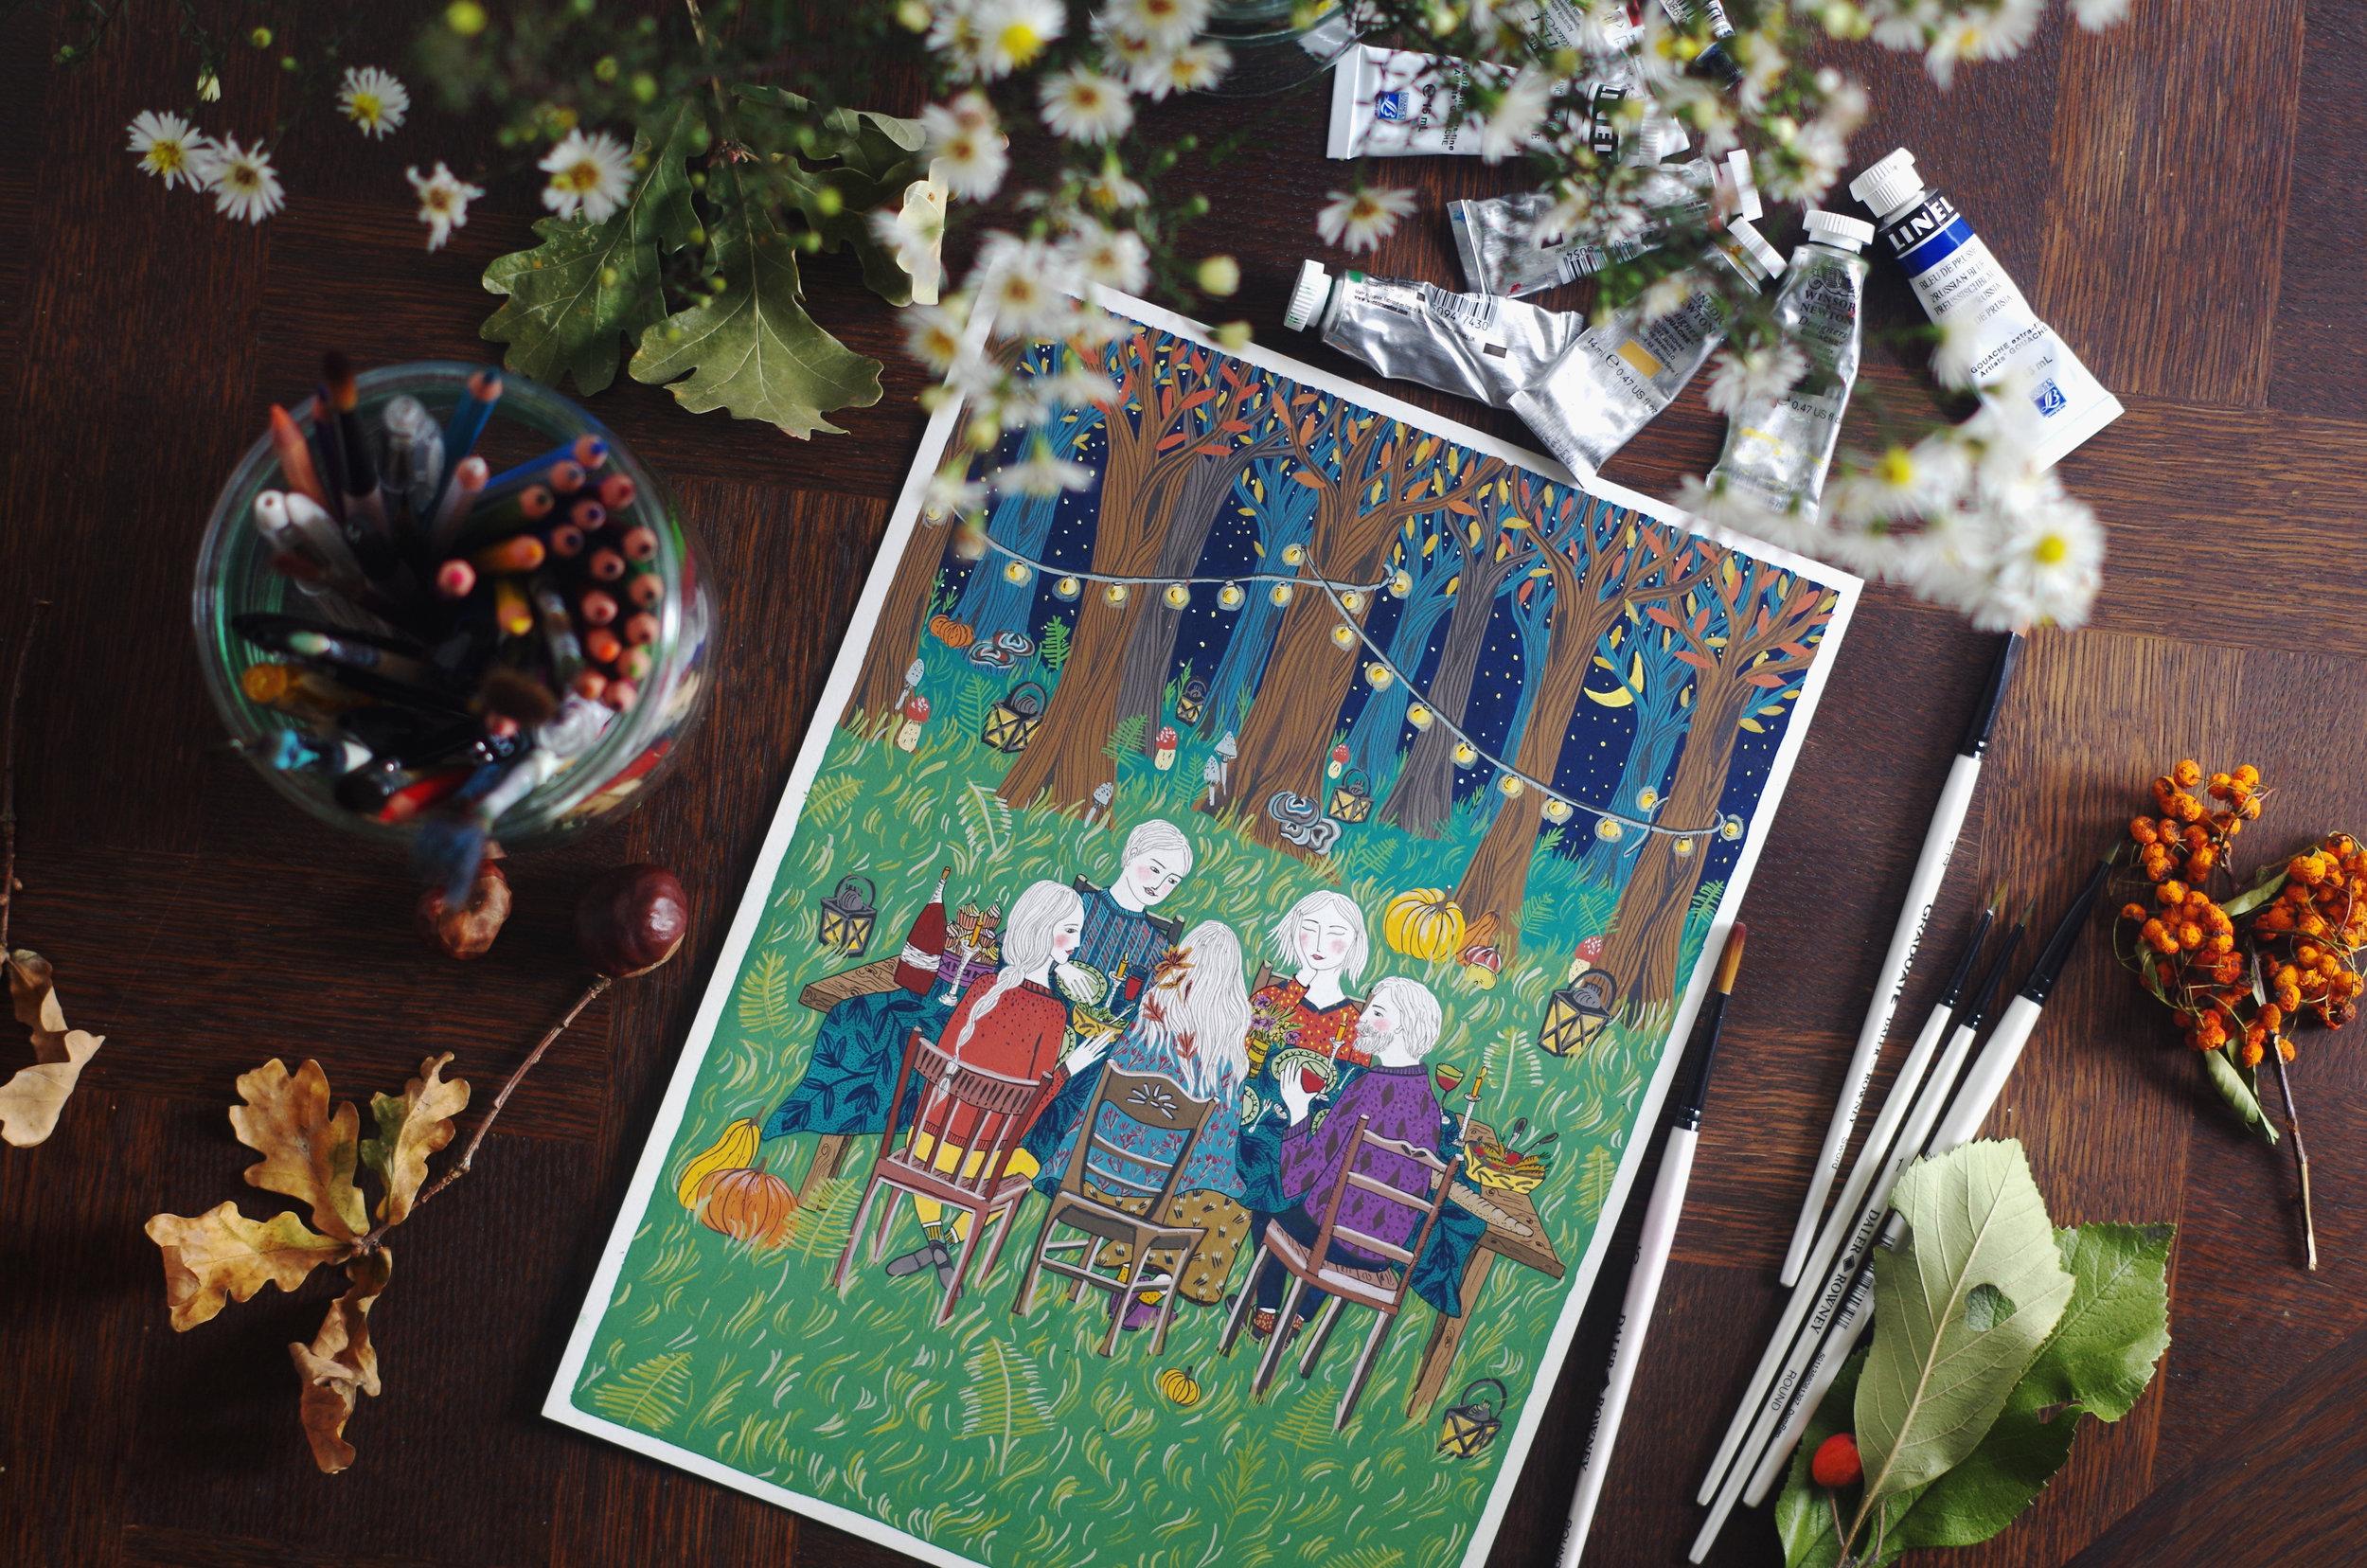 9autumnfeast_illustration_janina_bourosu.jpg